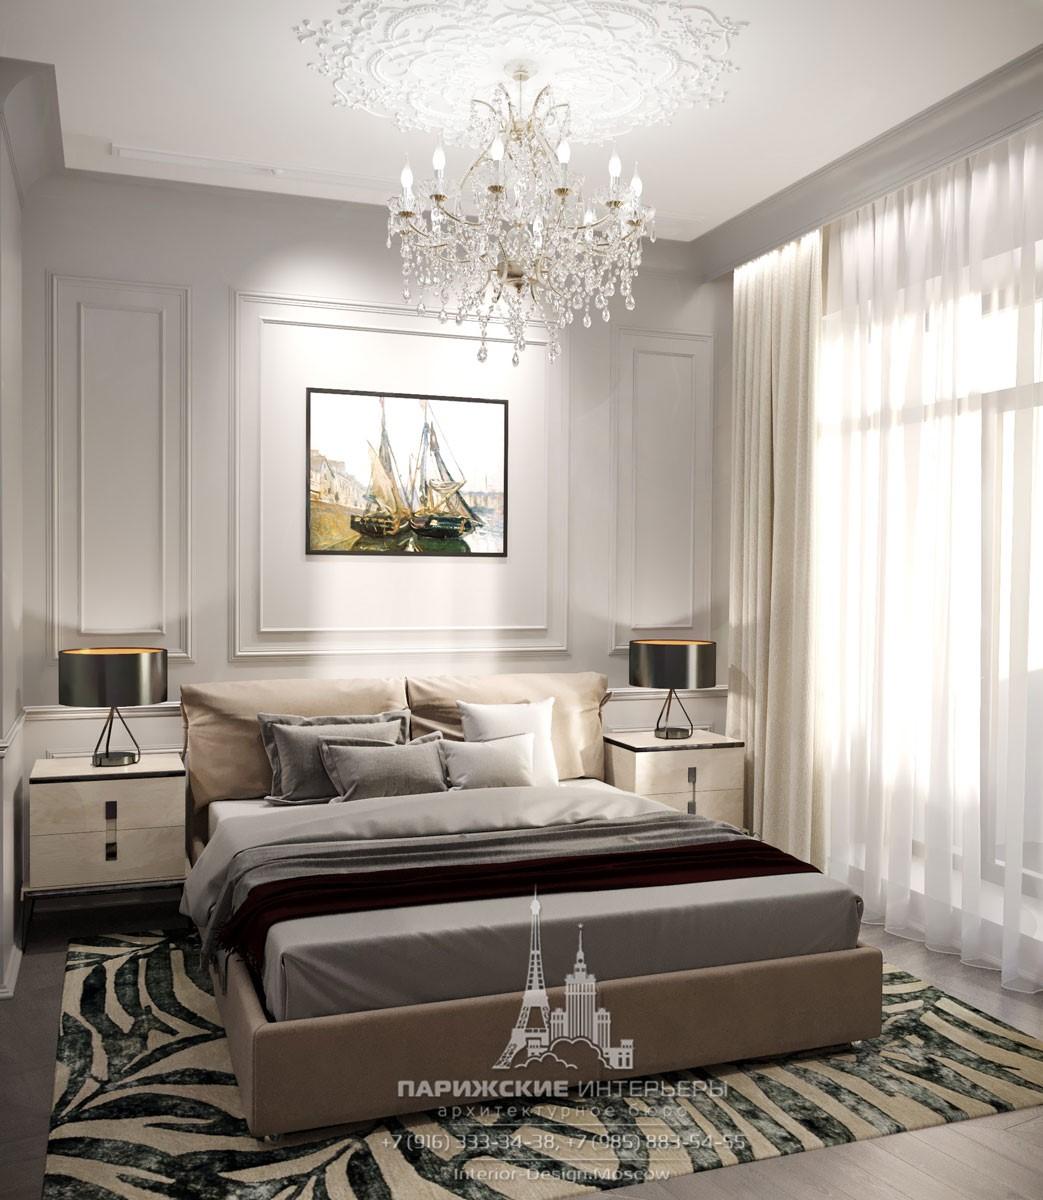 Дизайн современной спальни с дворцовой люстрой